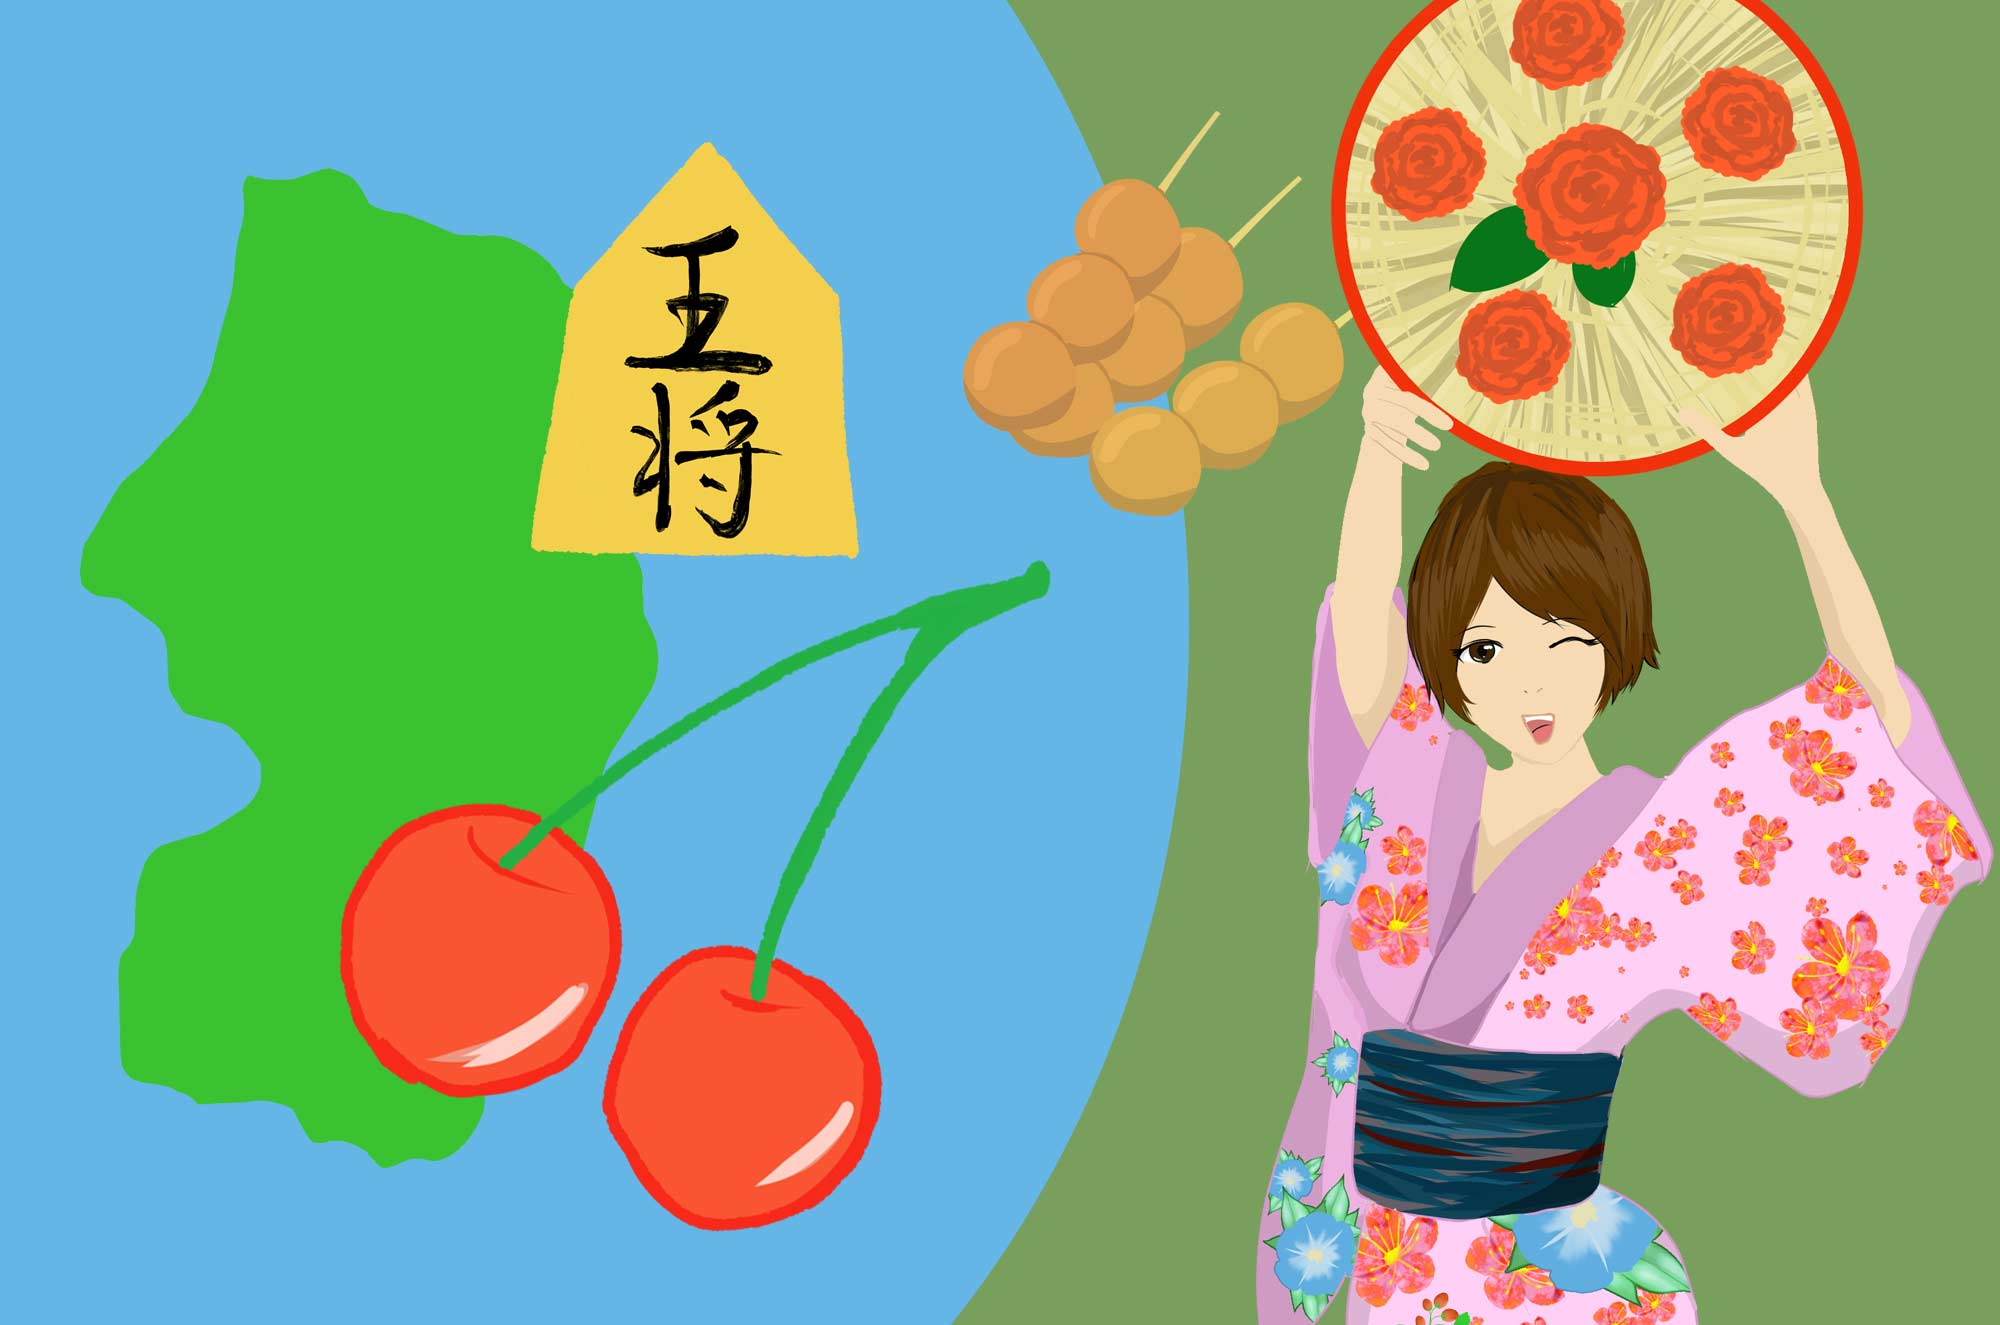 山形のイラスト - 花笠祭りや玉こんにゃく地域の無料素材